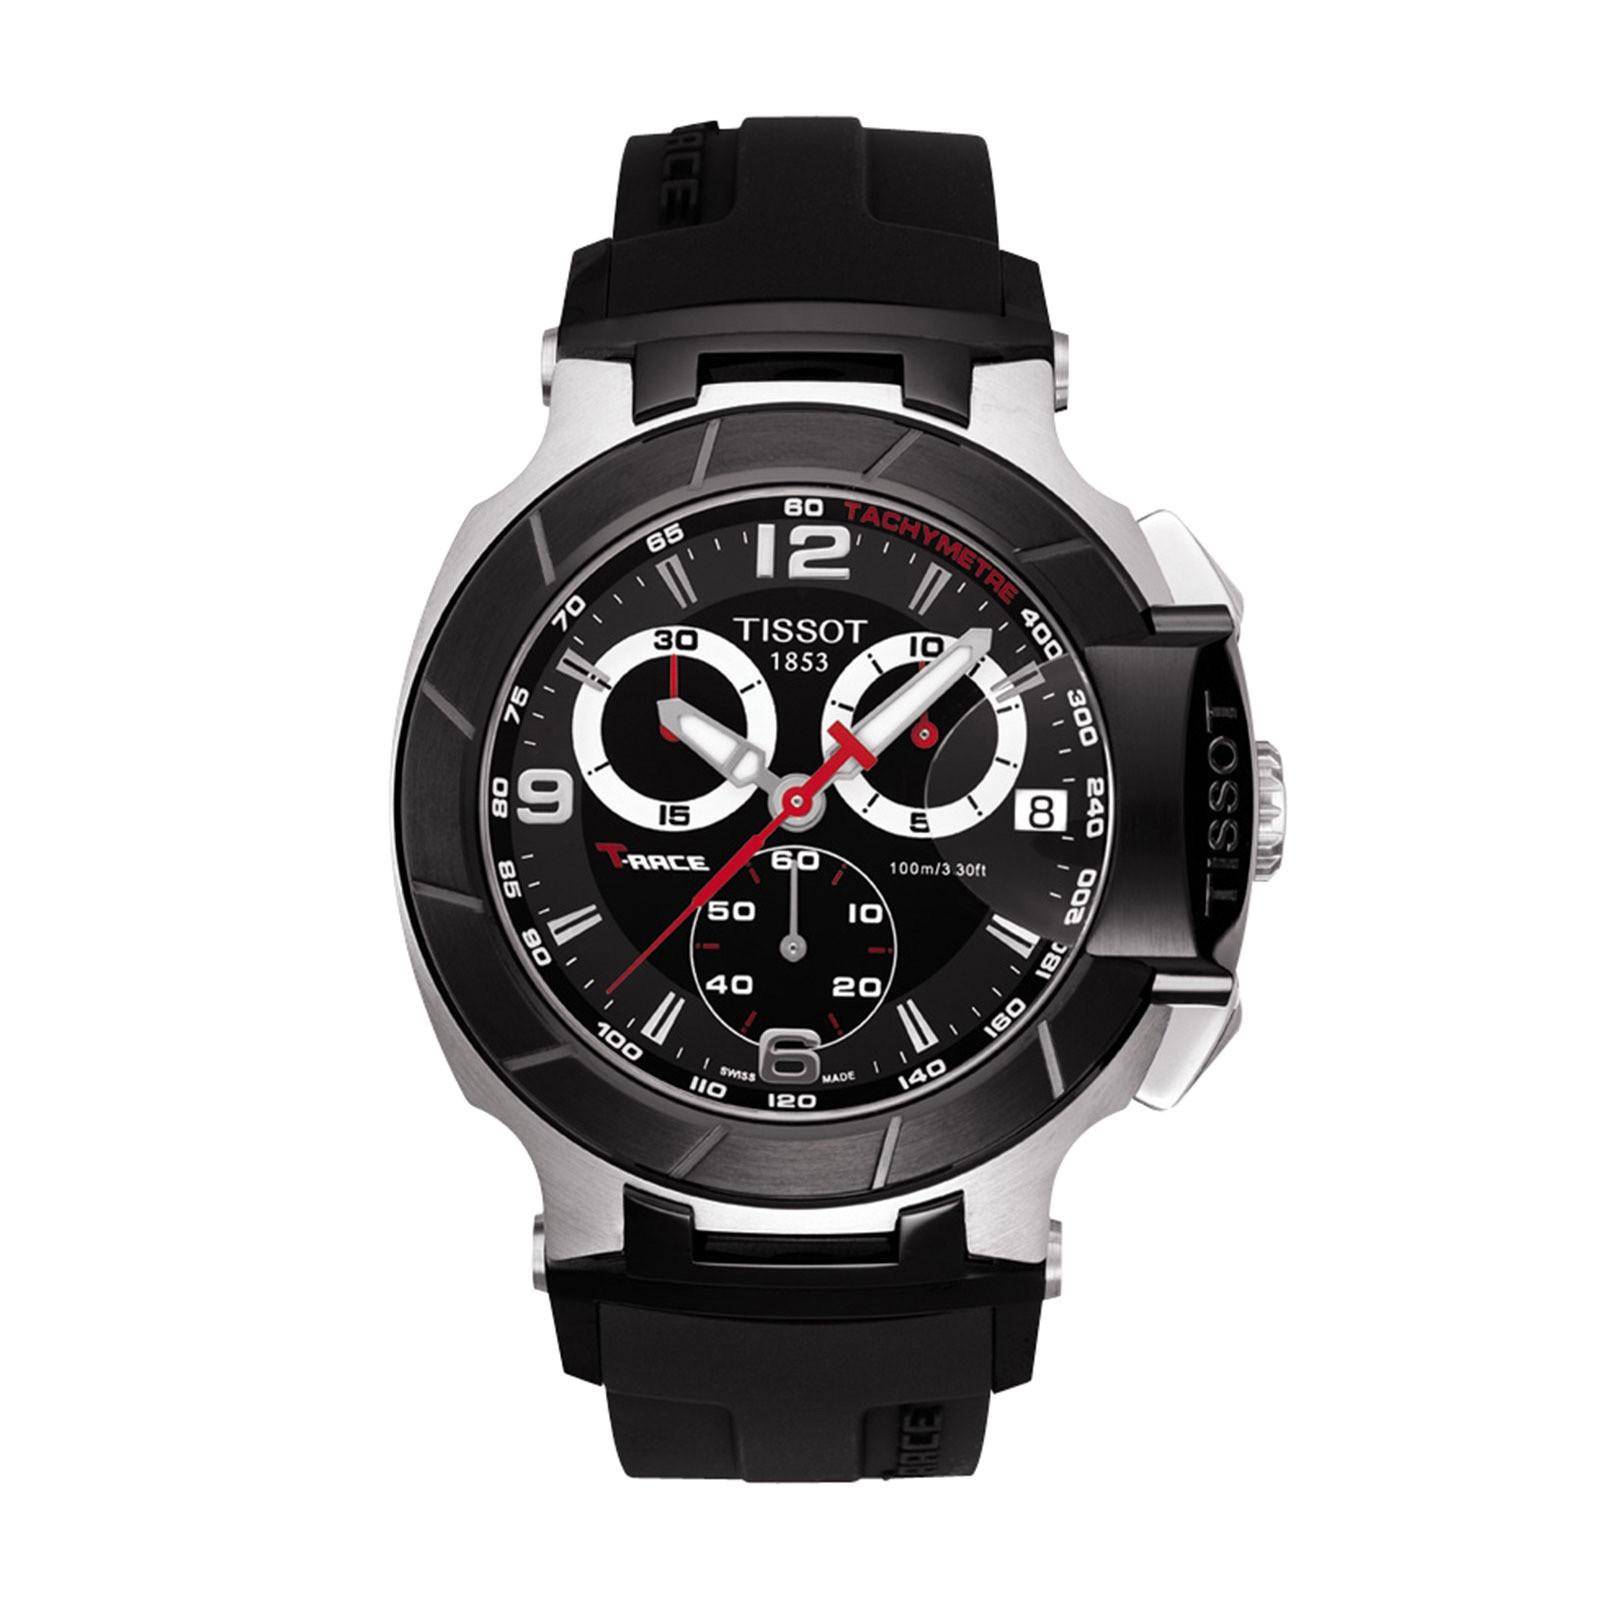 New Men's Tissot T-Race G10 Chronograph